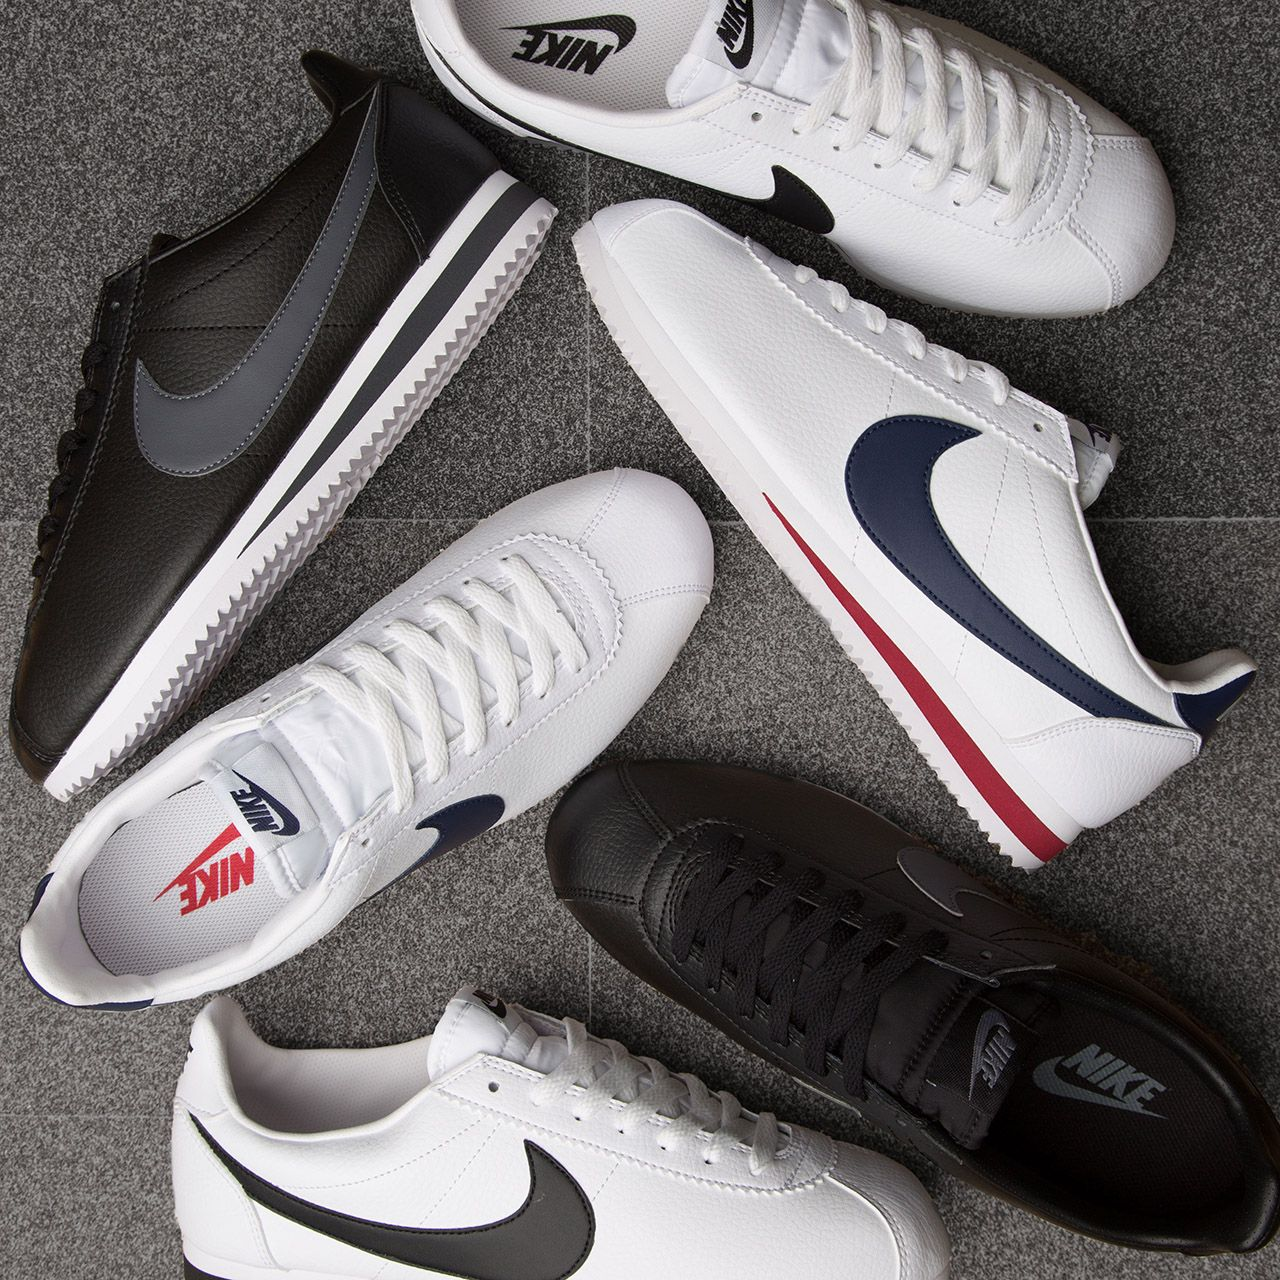 reputable site a724e c24e1 Go retro with the Nike Cortez Leather Trainer.